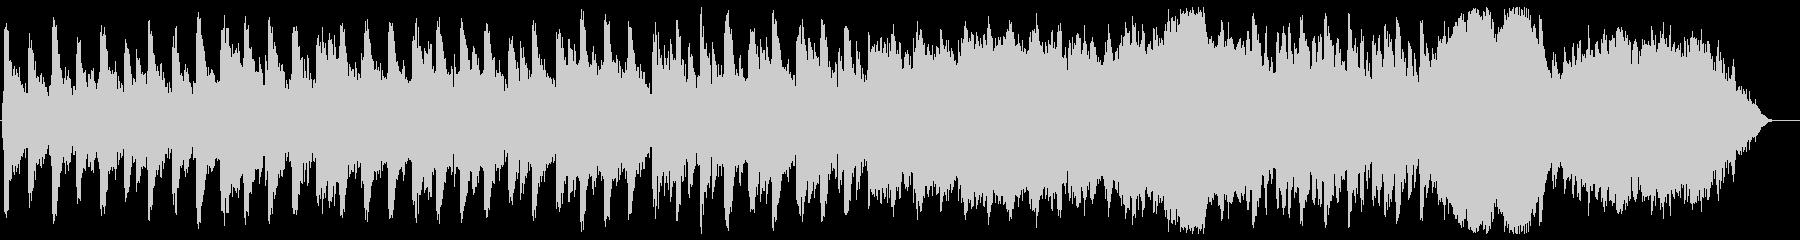 Avemaria (Guno)'s unreproduced waveform